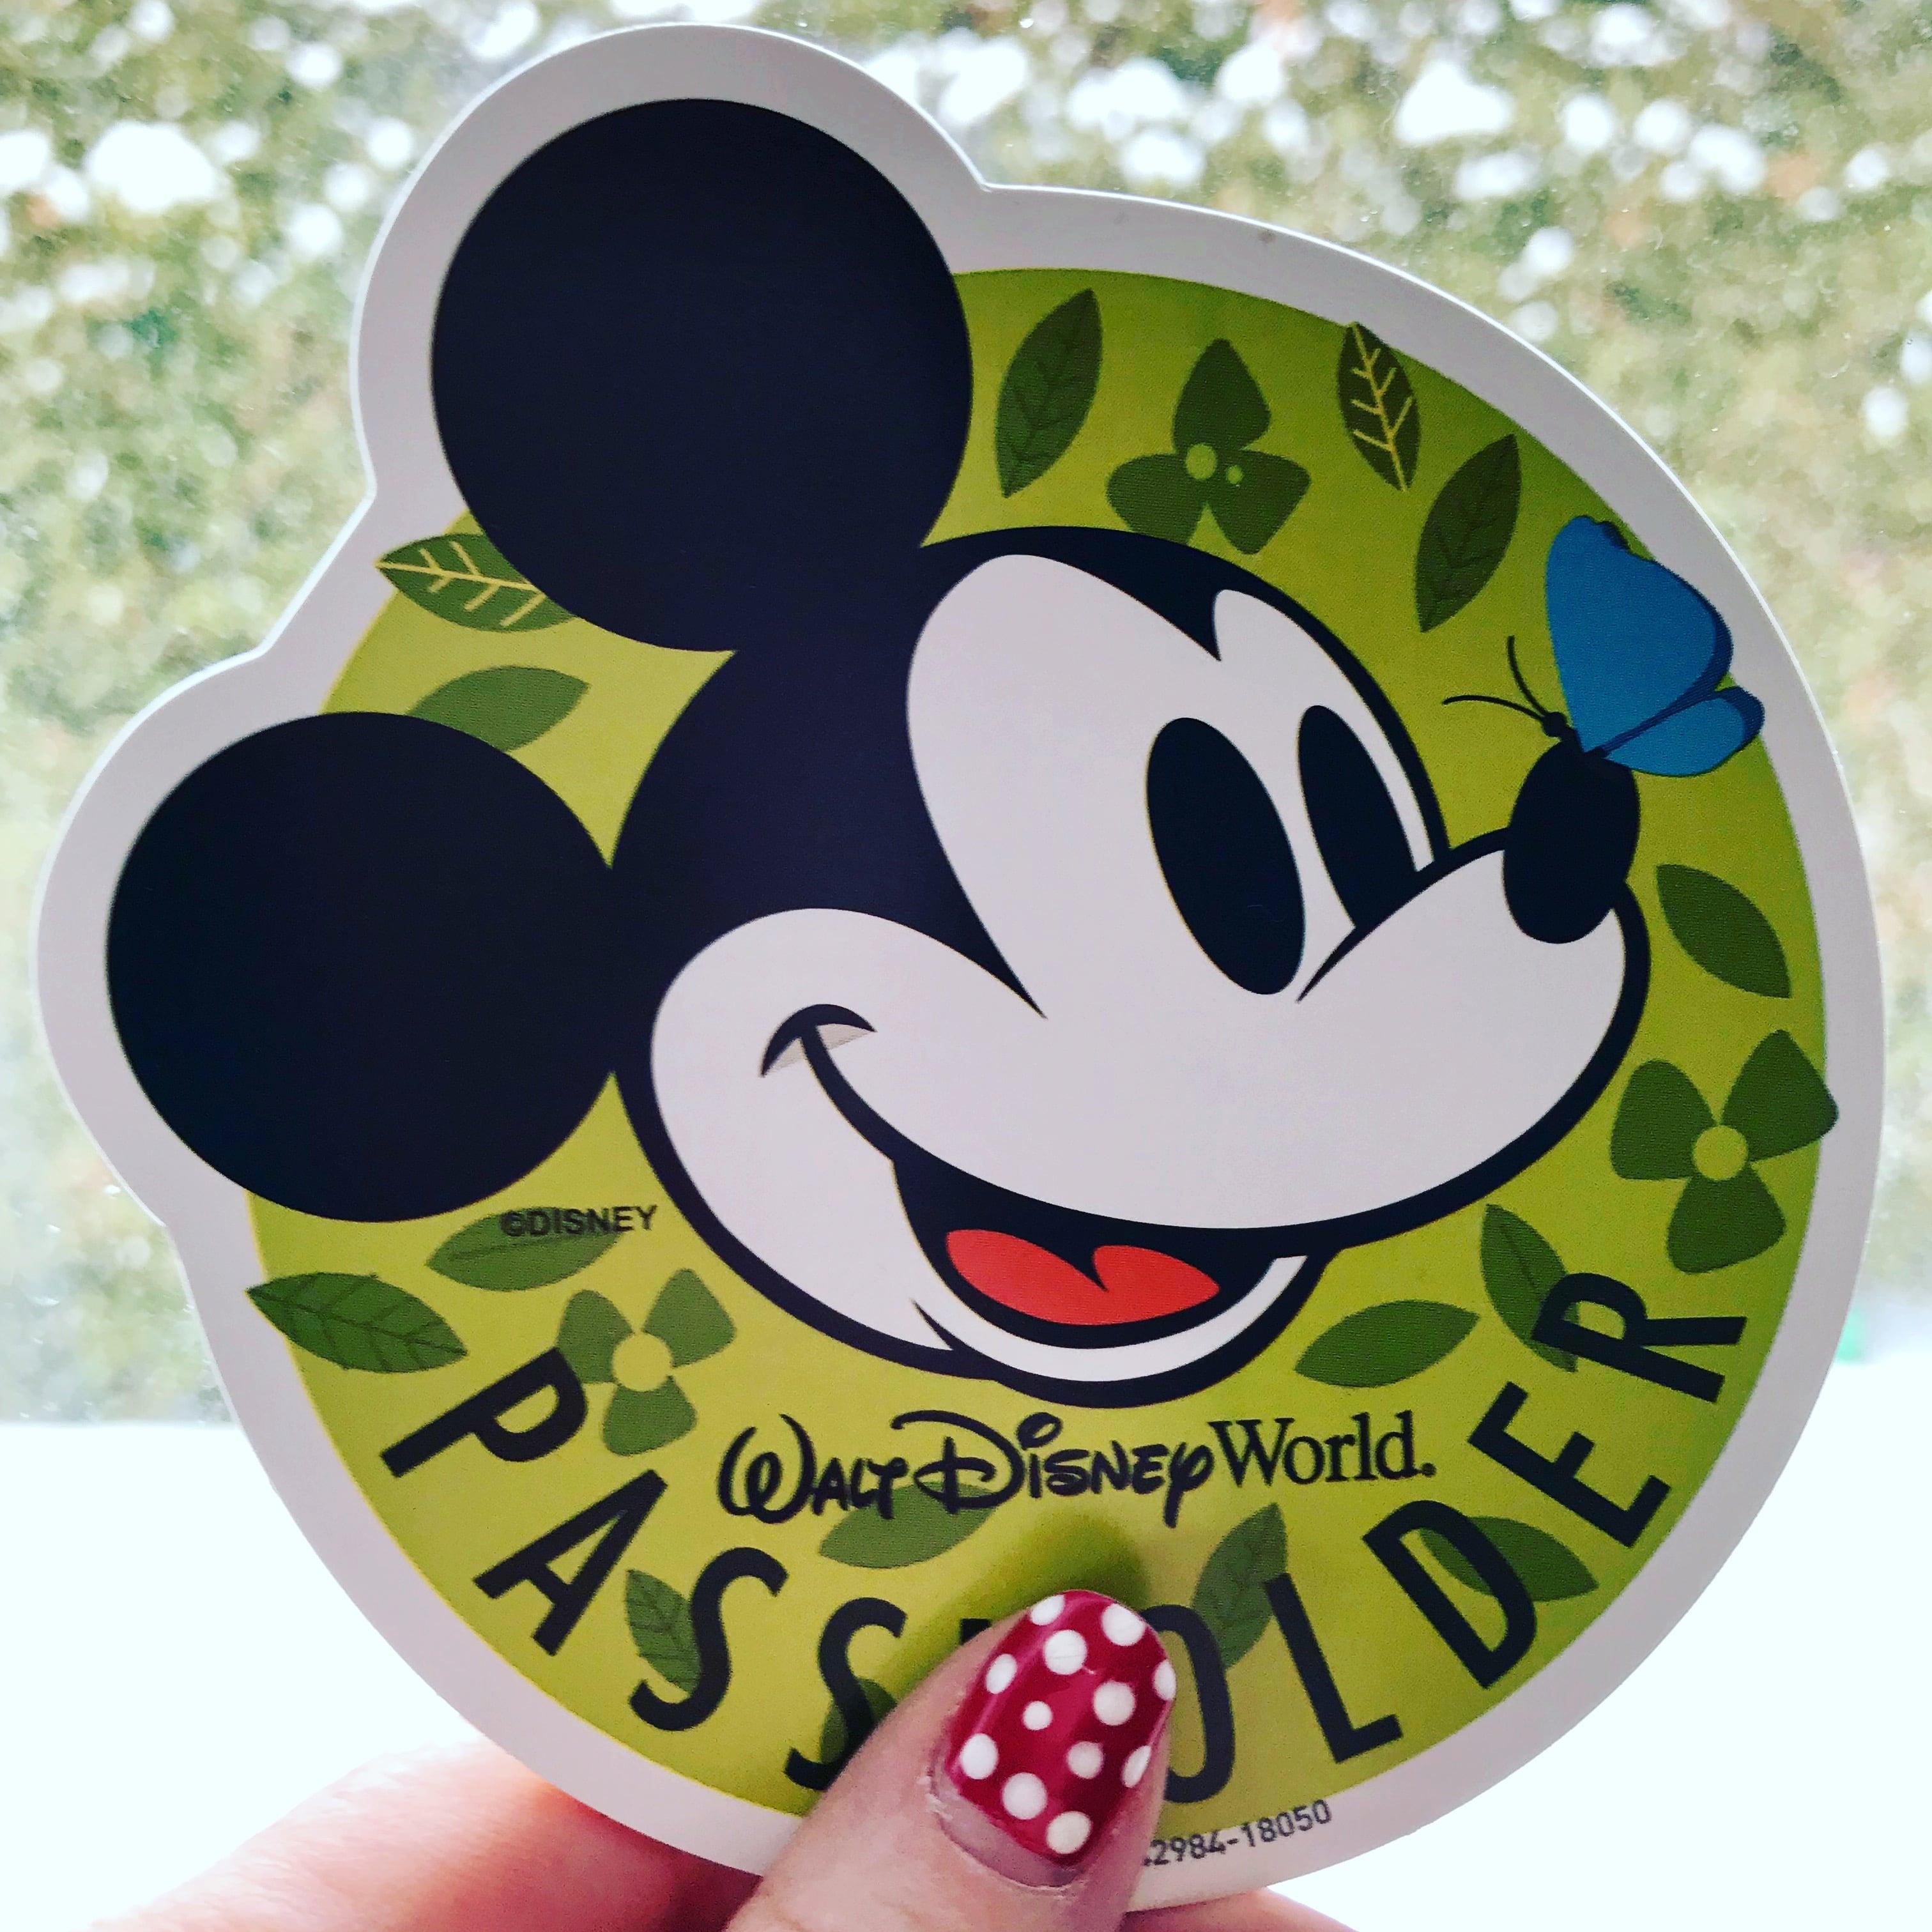 Disney Passholder Magnet from 2018 Flower & Garden Festival